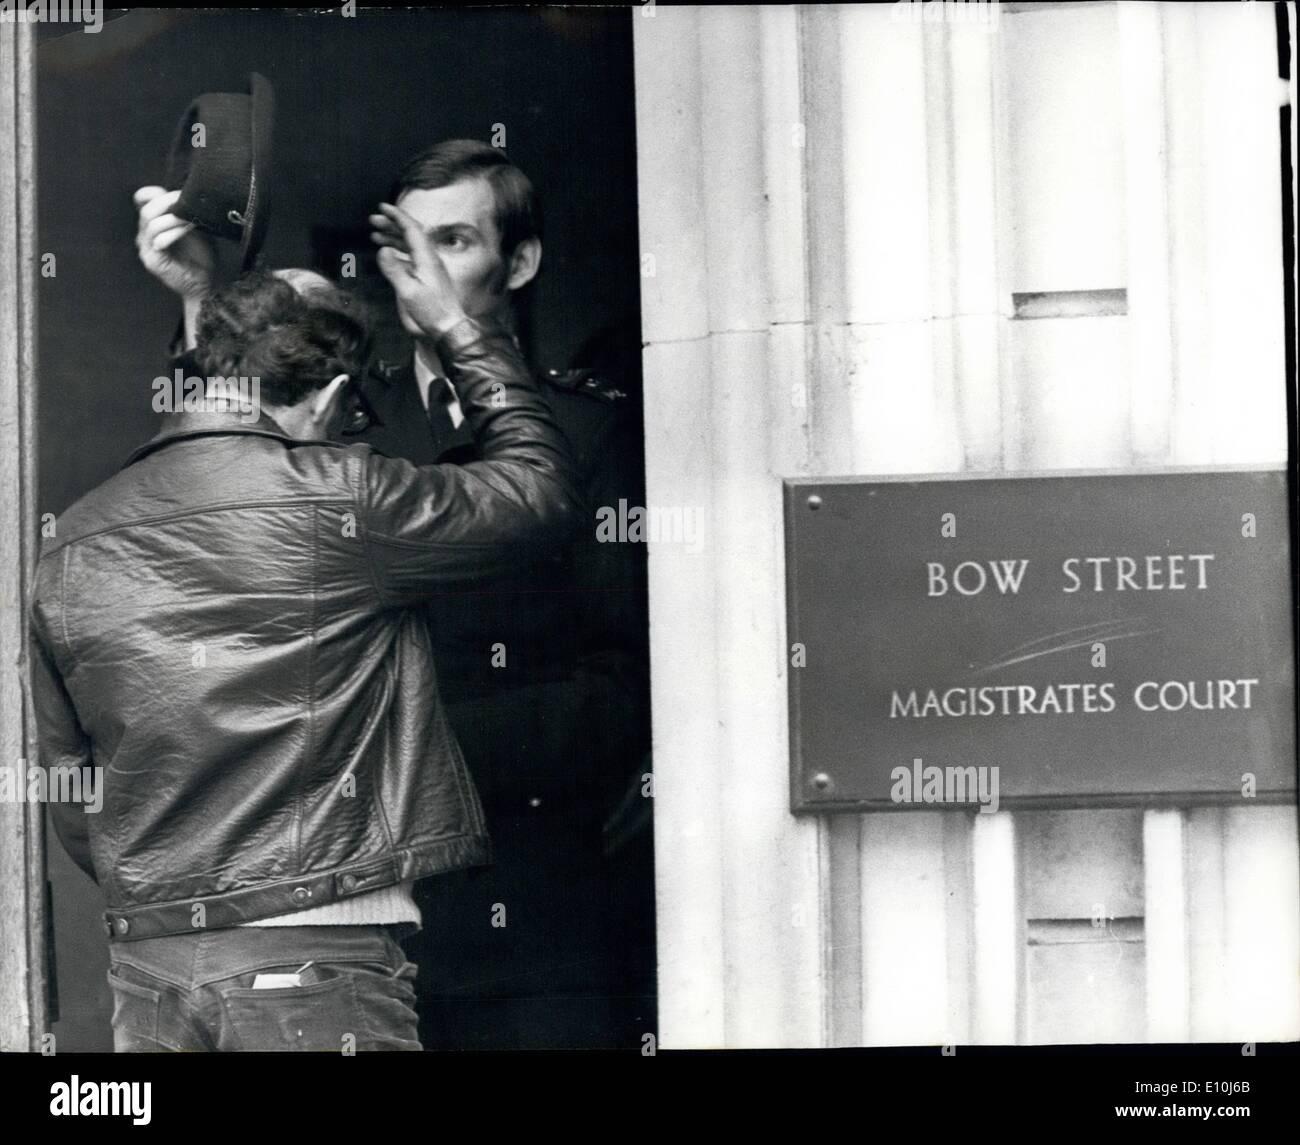 5bfb98bed04e Mar. 03, 1973 - PRÉCAUTIONS À BOW STREET COUR.. Précautions de sécurité